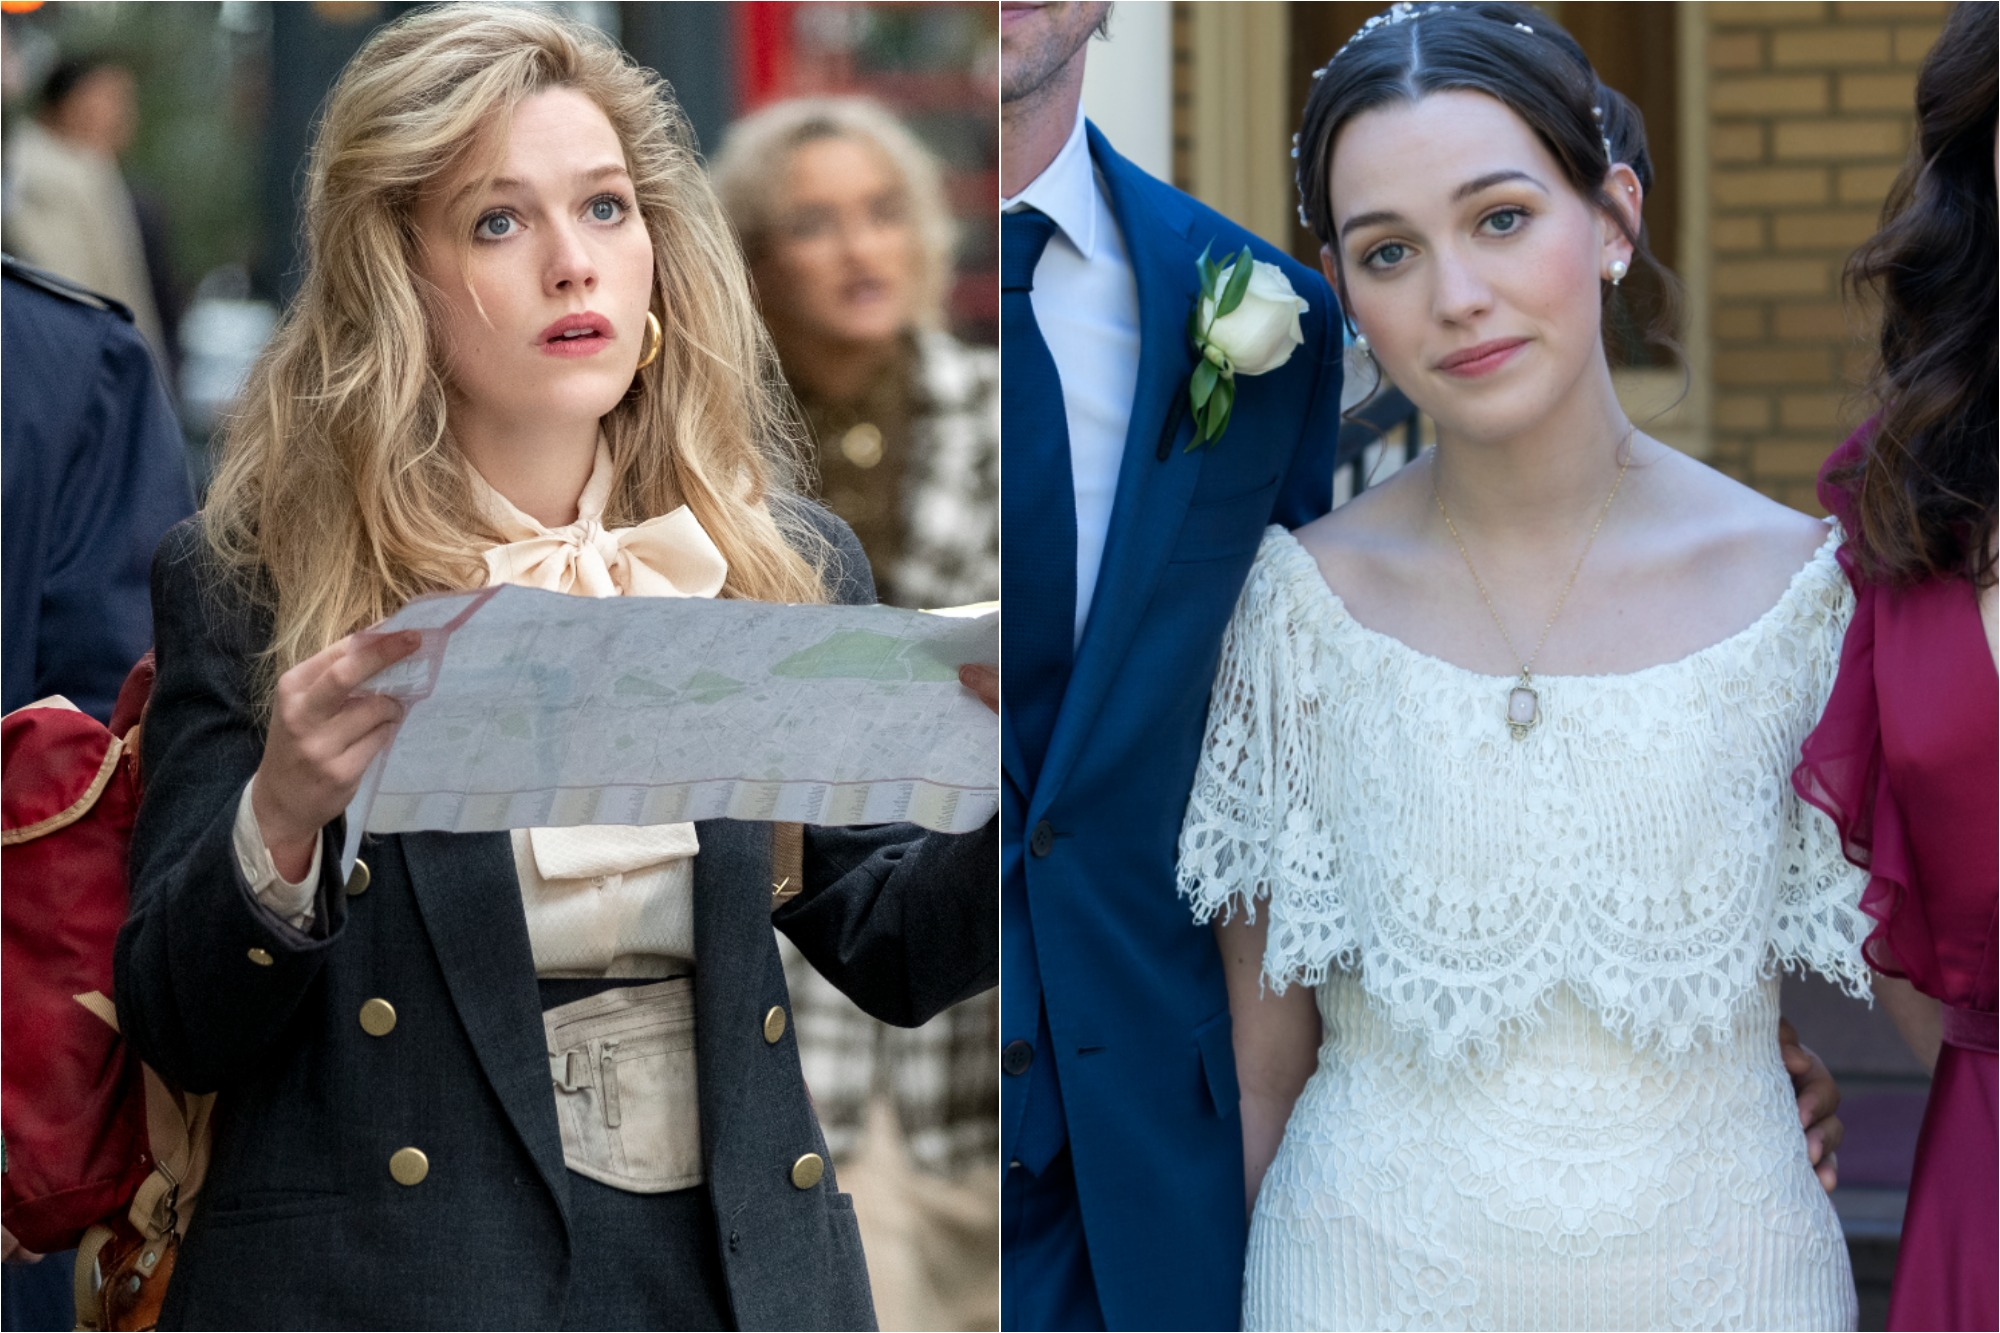 (L) Victoria Pedretti as Dani in 'THE HAUNTING OF BLY MANOR' / (R) Pedretti as Nell in 'THE HAUNTING OF HILL HOUSE'